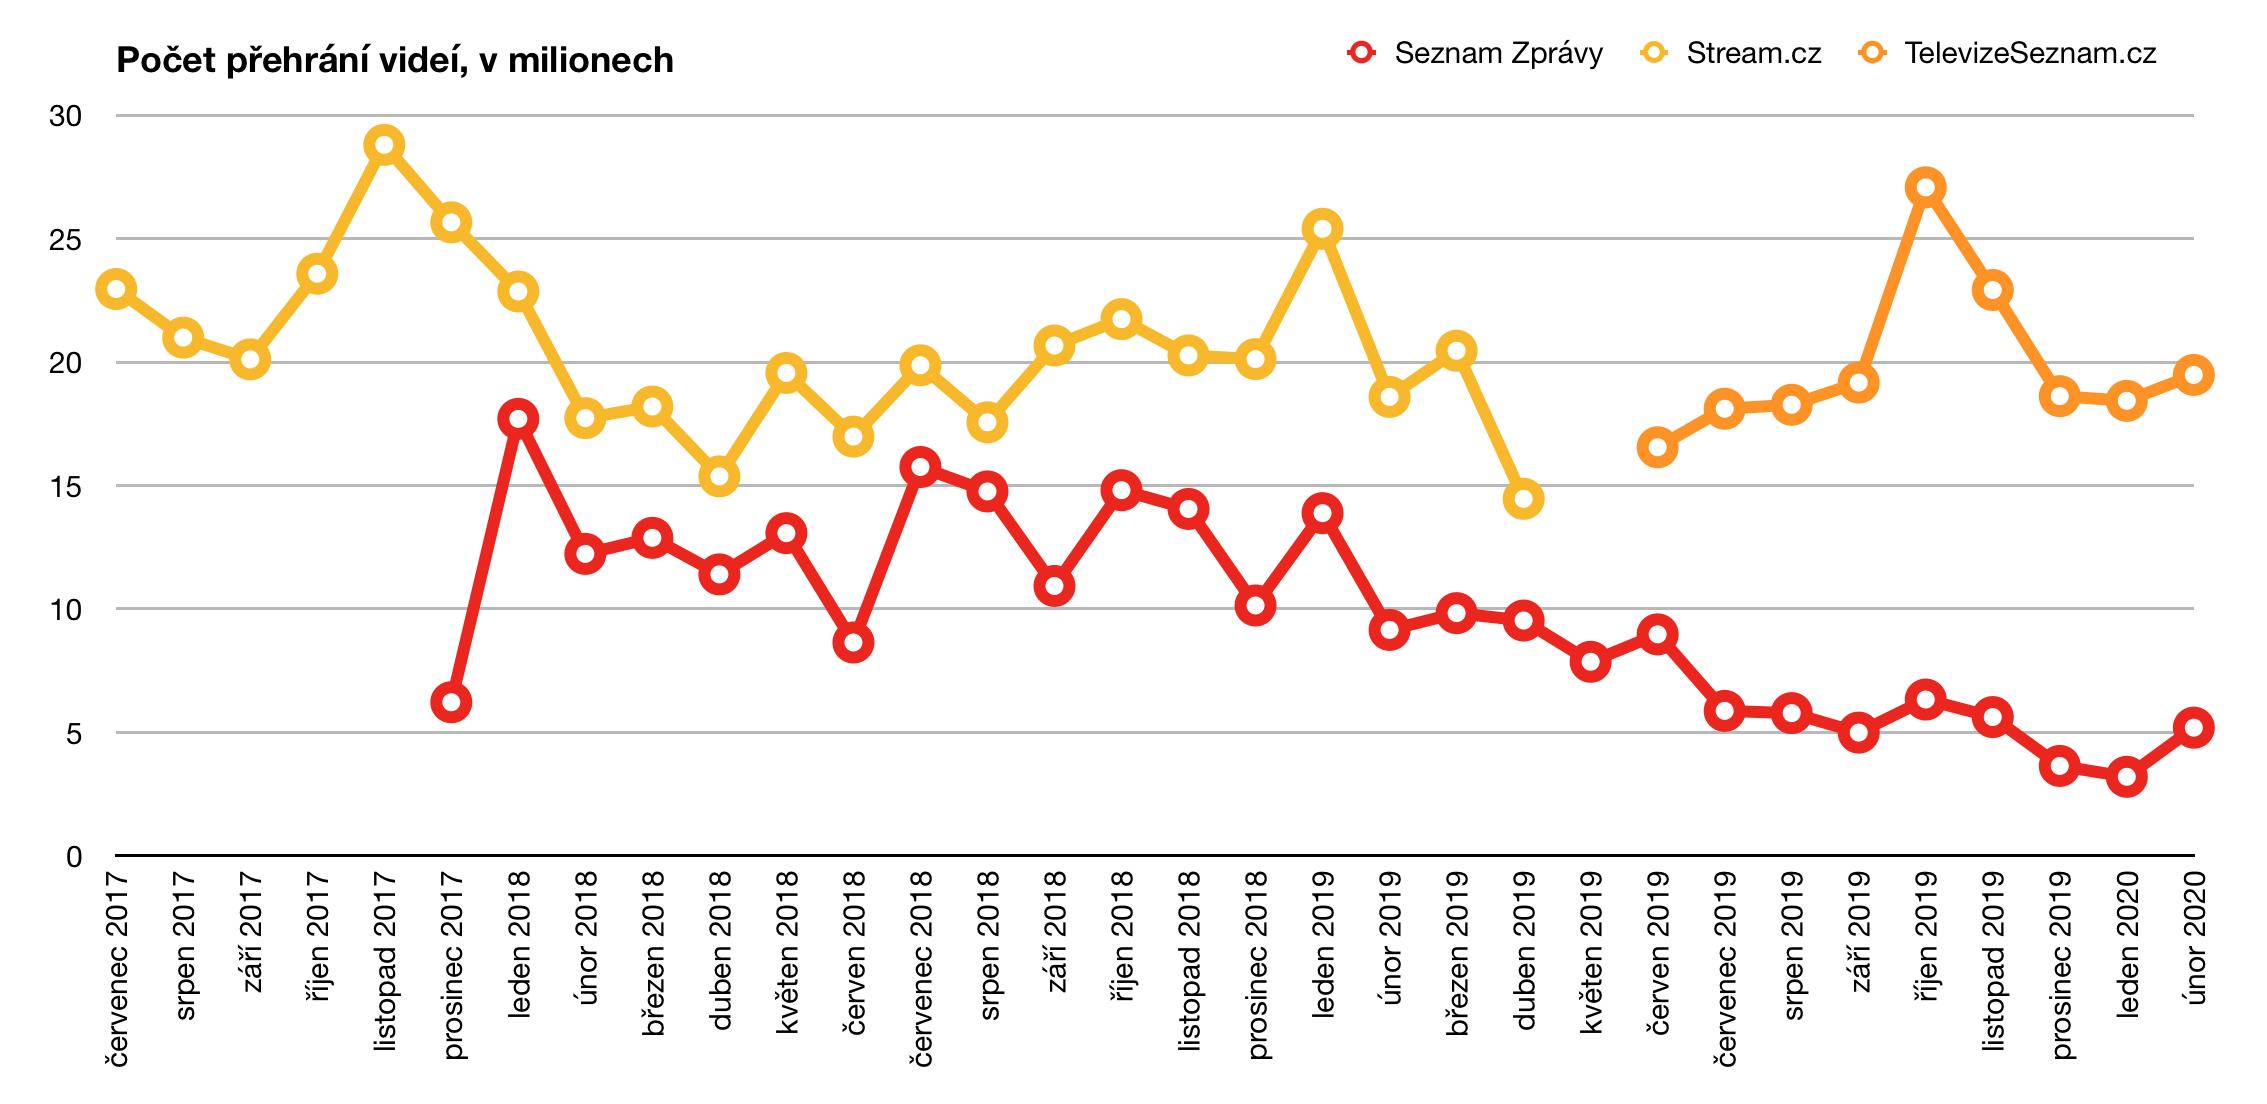 Počet přehrání videí na webech Seznam Zprávy, Stream.cz a TelevizeSeznam.cz